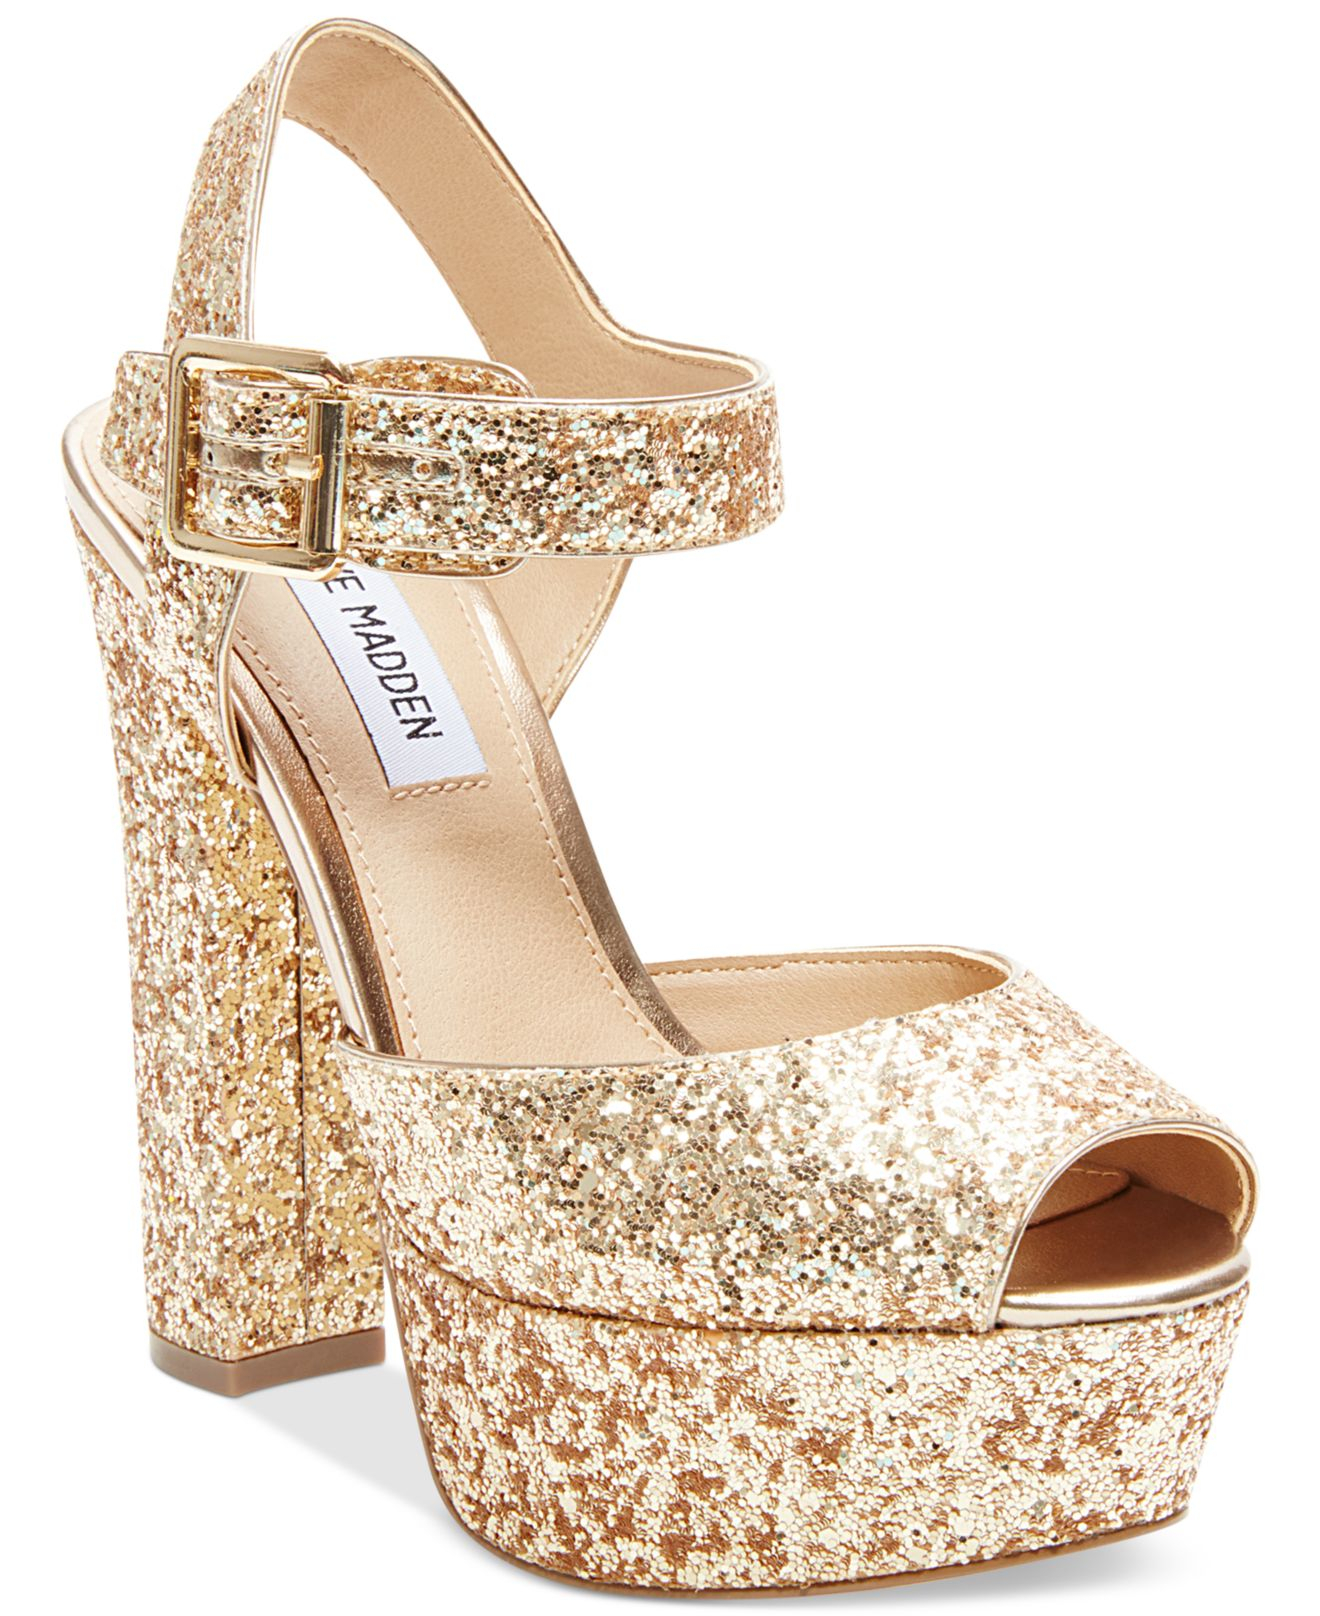 2e1cea5a0 Steve Madden Jillyy Two-piece Platform Dress Sandals in Metallic - Lyst